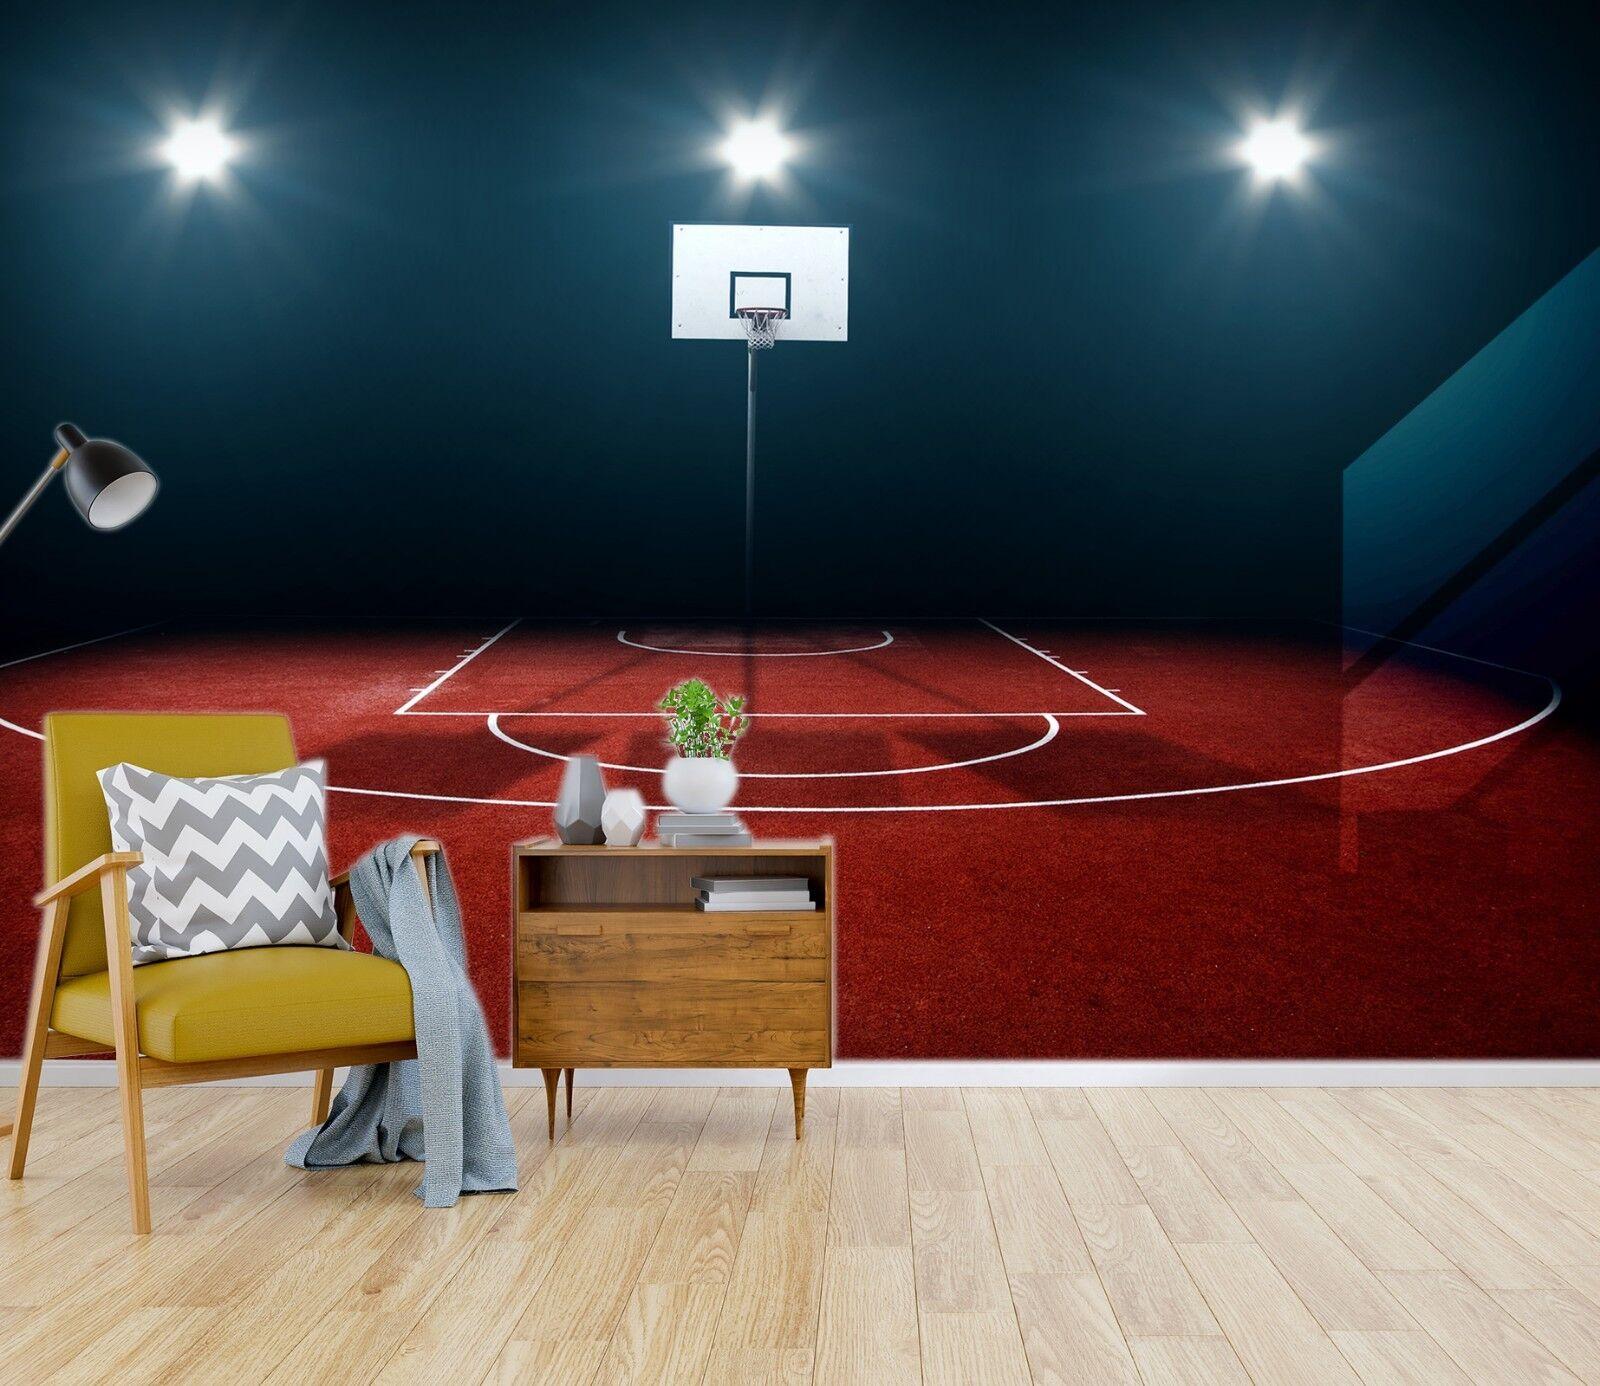 3D Basketball Site 26 WallPaper Murals Wall Decal WallPaper AU Carly